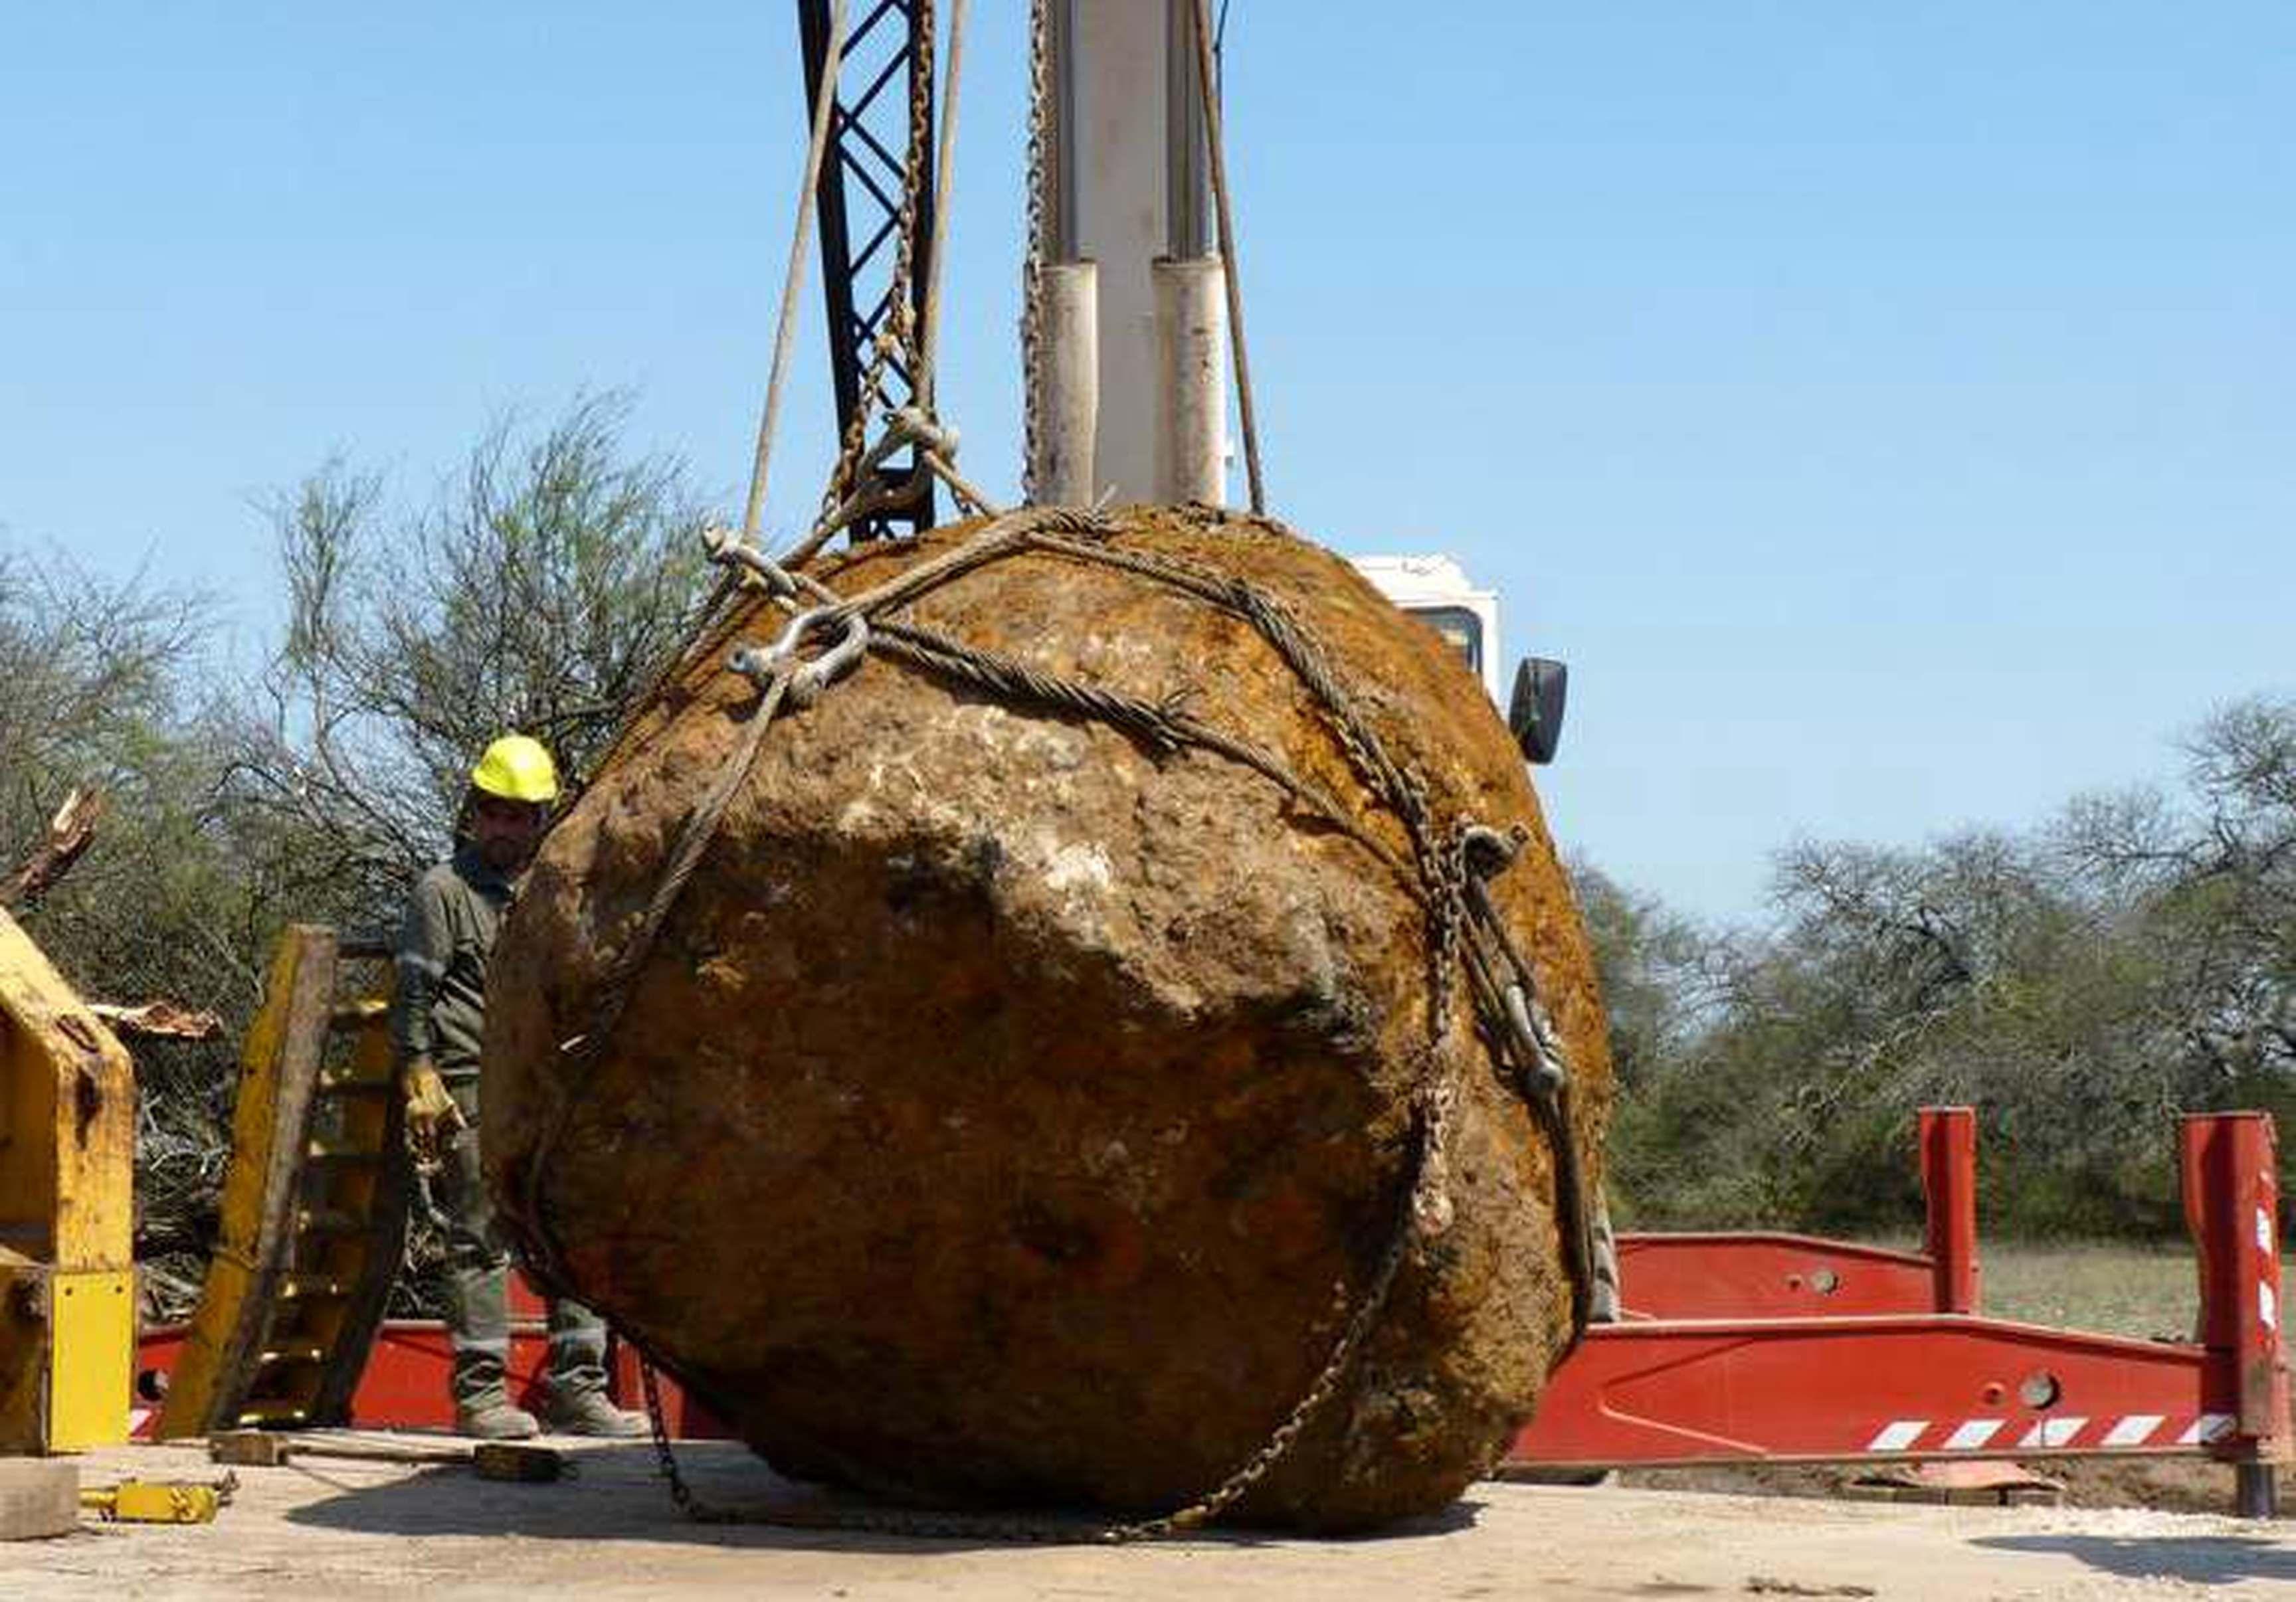 Hallan en Chaco el segundo meteorito más grande del mundo: pesa 30 toneladas